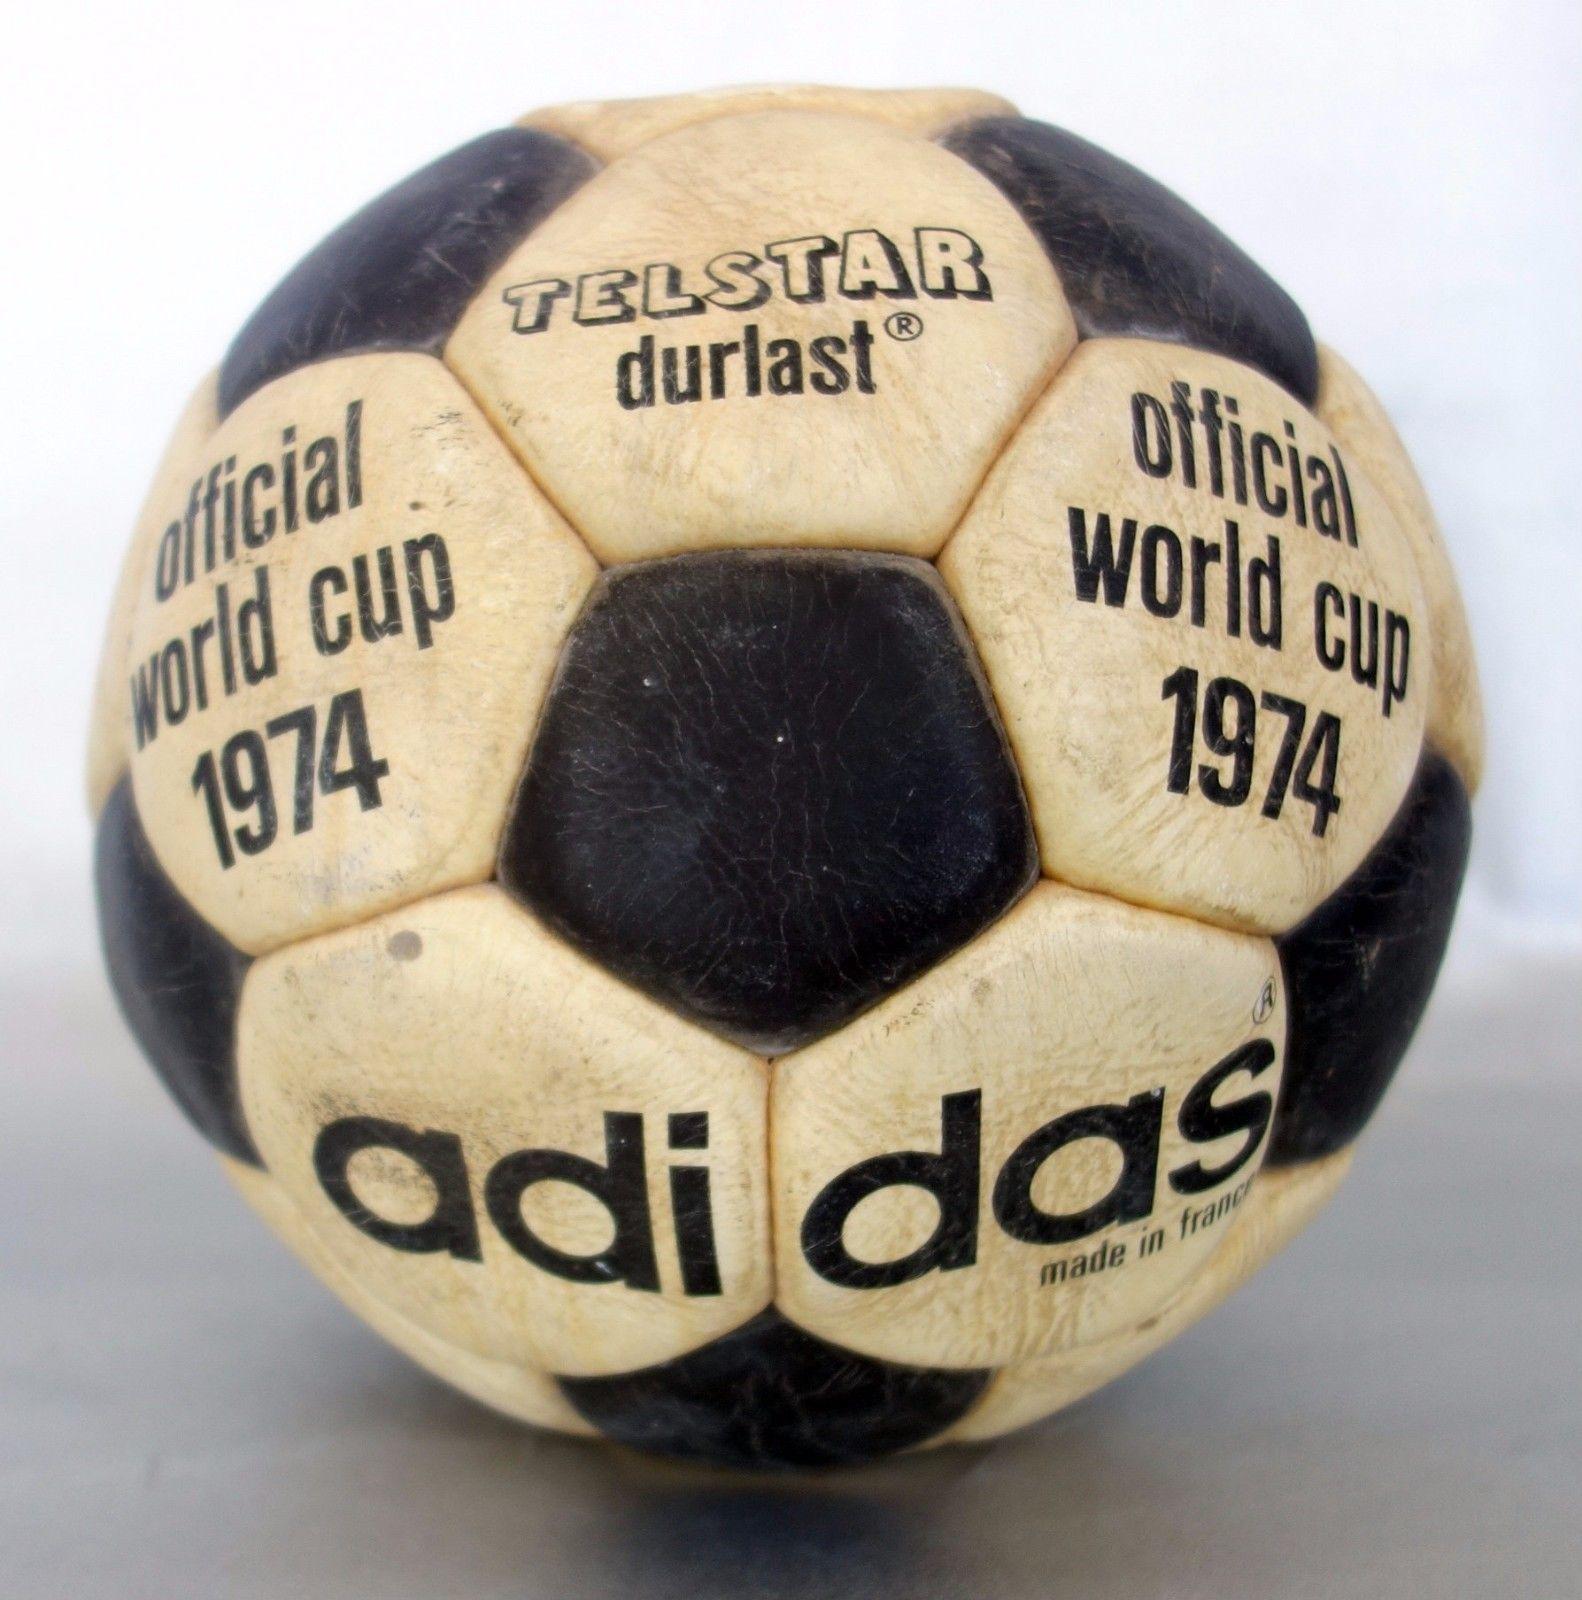 eacc72db1791c Hoy os mostramos otro balón Adidas Telstar de 1974 ORIGINAL (Mundial de  Alemania en 1974). En la actualidad no quedan muchos Telstar de este año  que se ...